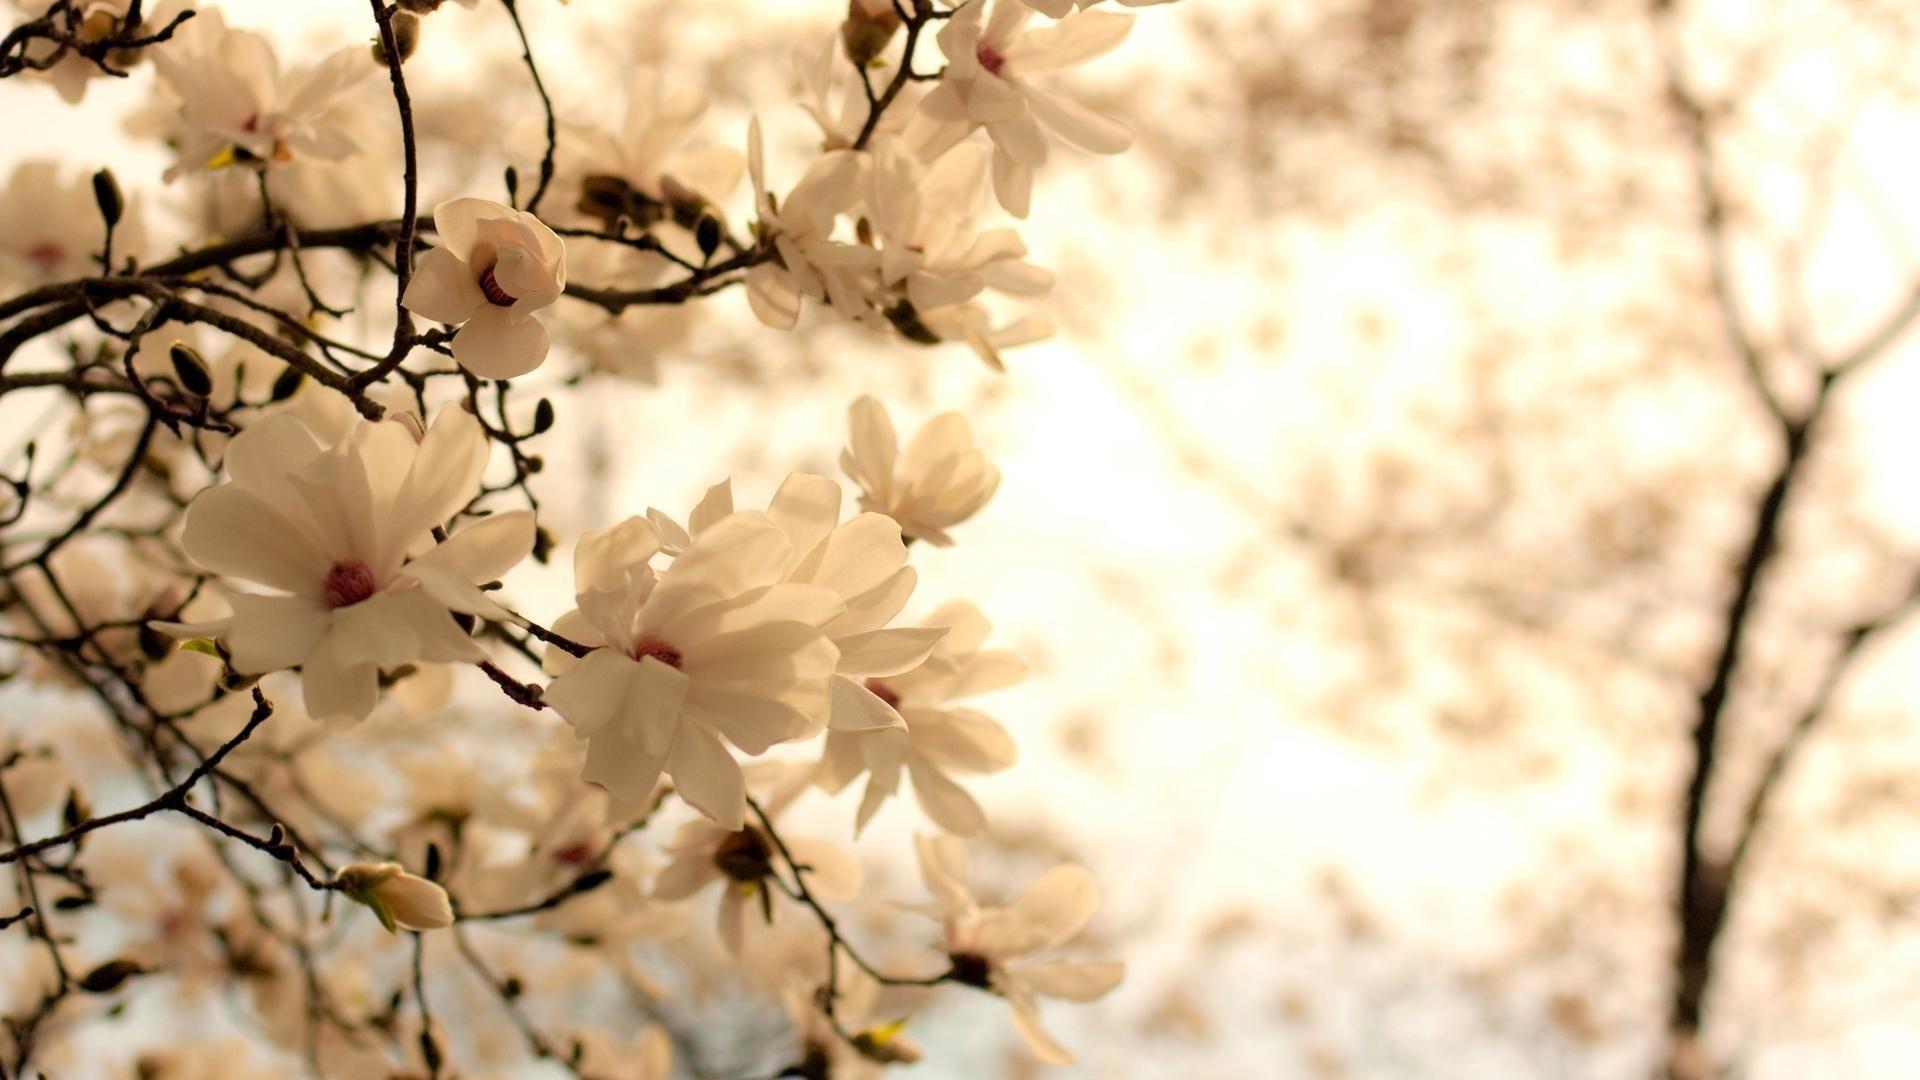 White Flower Desktop wallpaper